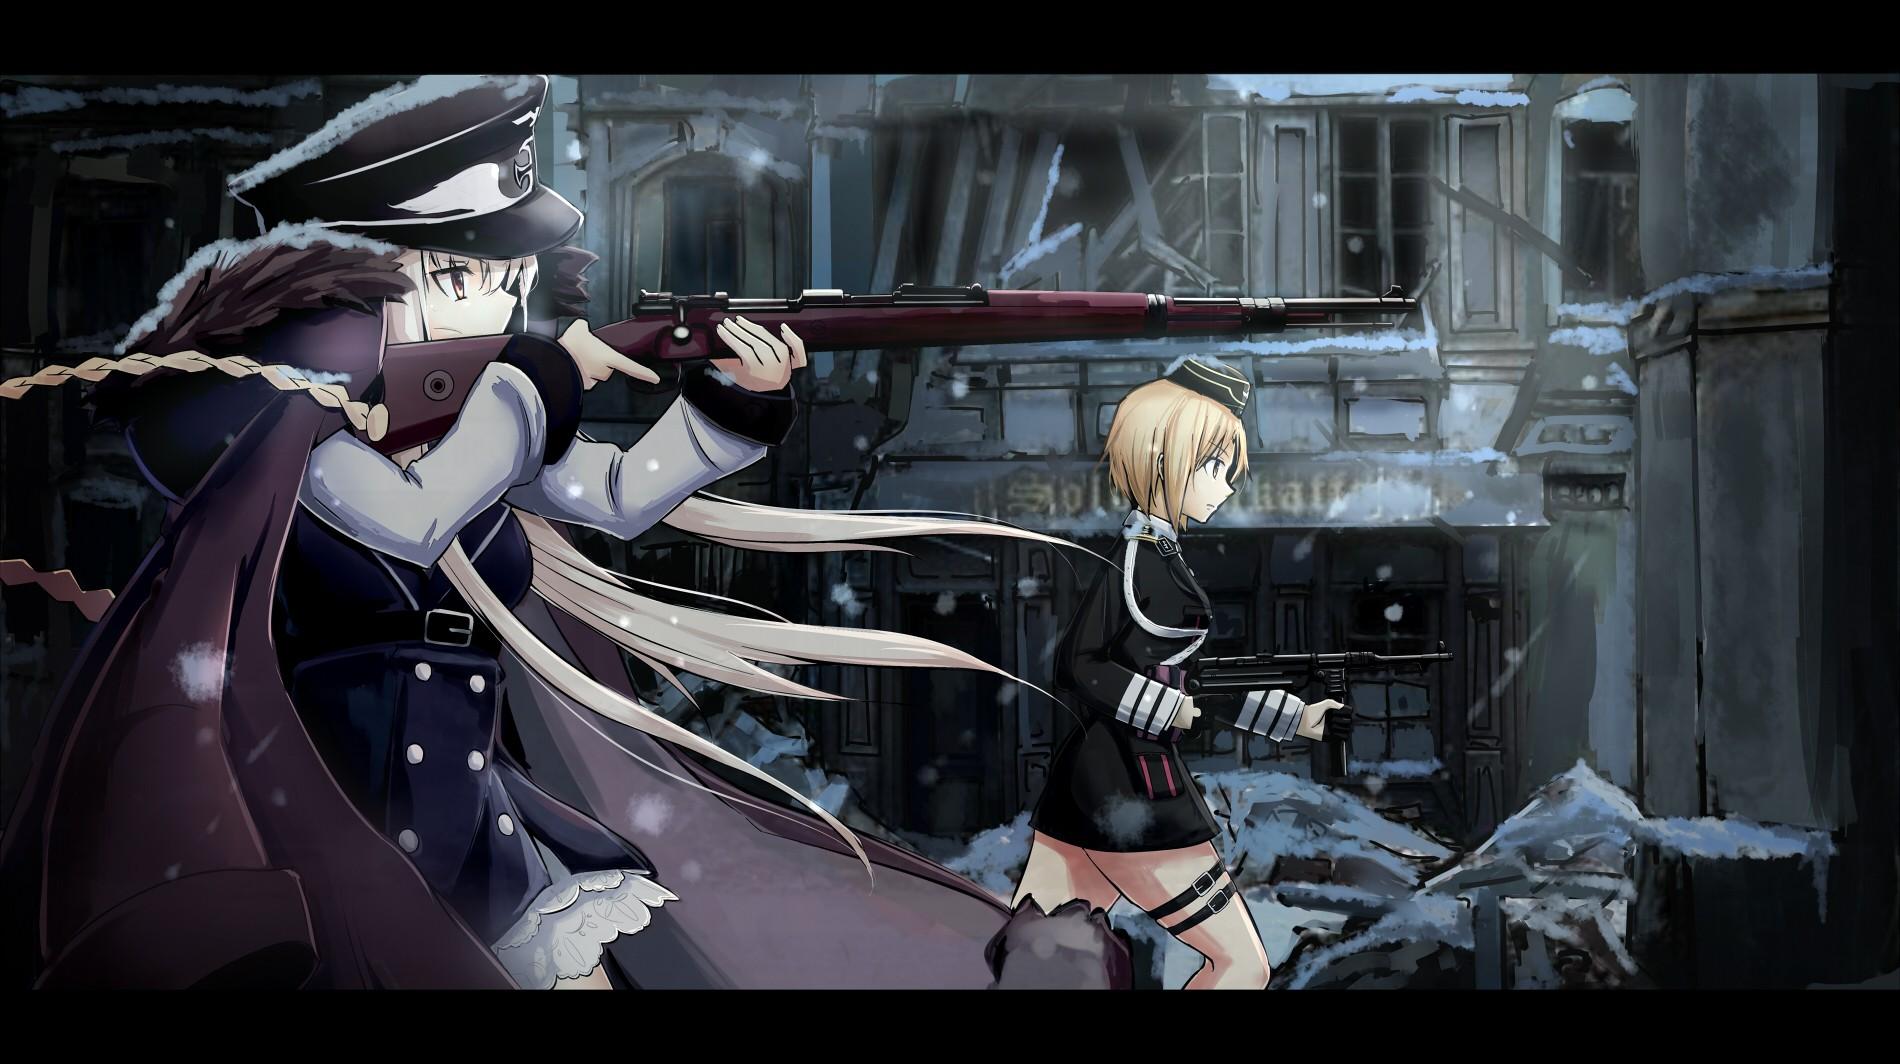 デスクトップ壁紙 銃 アニメの女の子 武器 機械 女の子の最前線